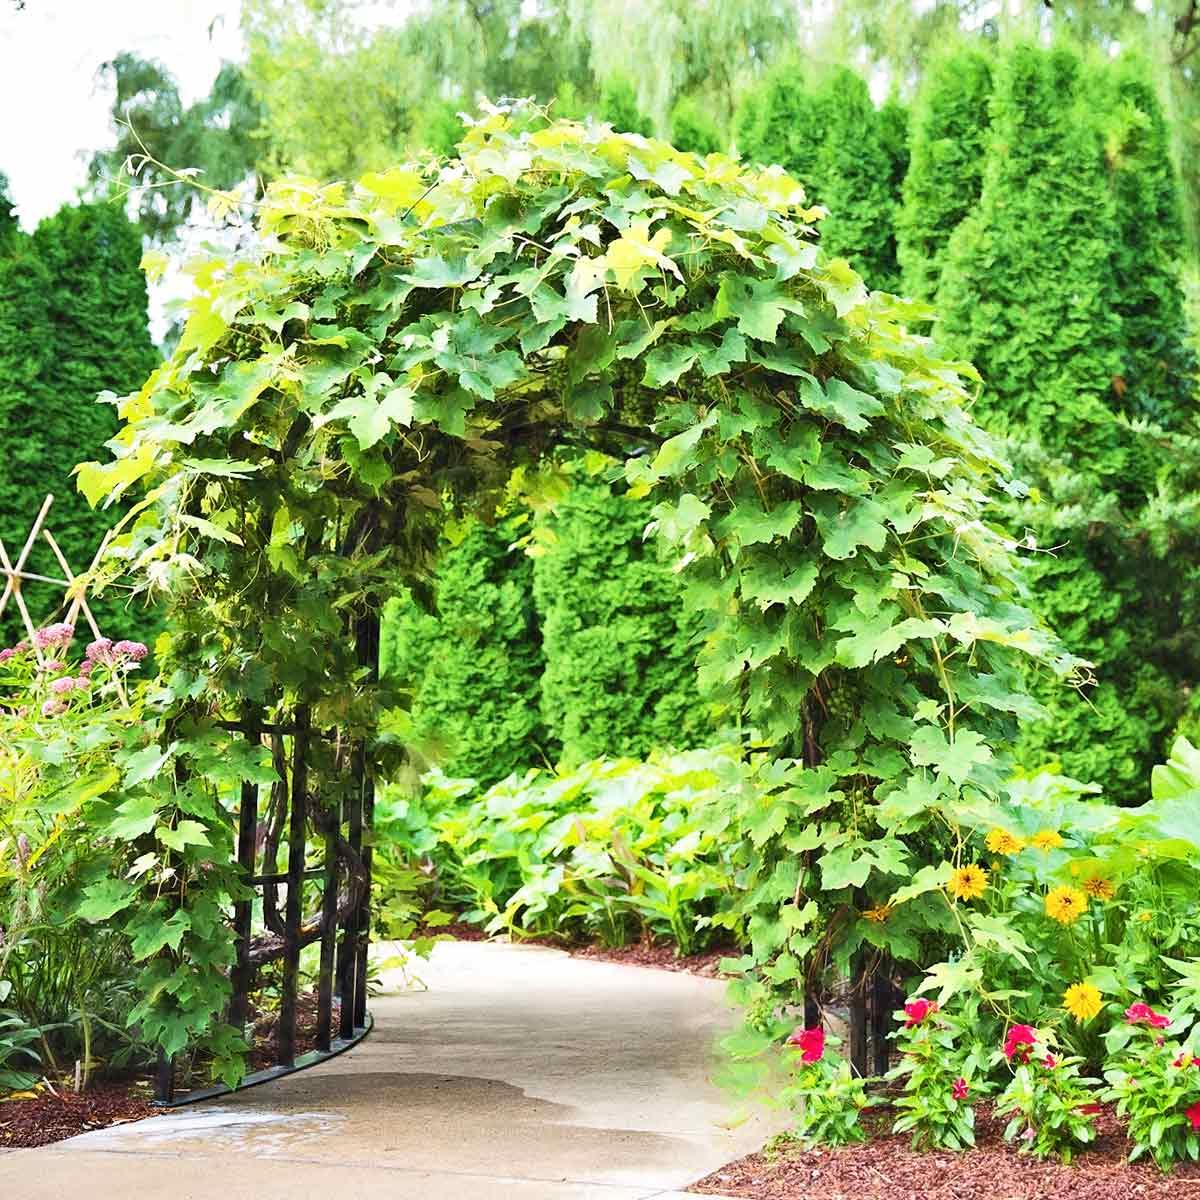 Pergola, Tonnelle Et Arche De Jardin | Jardins-Animes tout Arche De Jardin En Fer Forgé